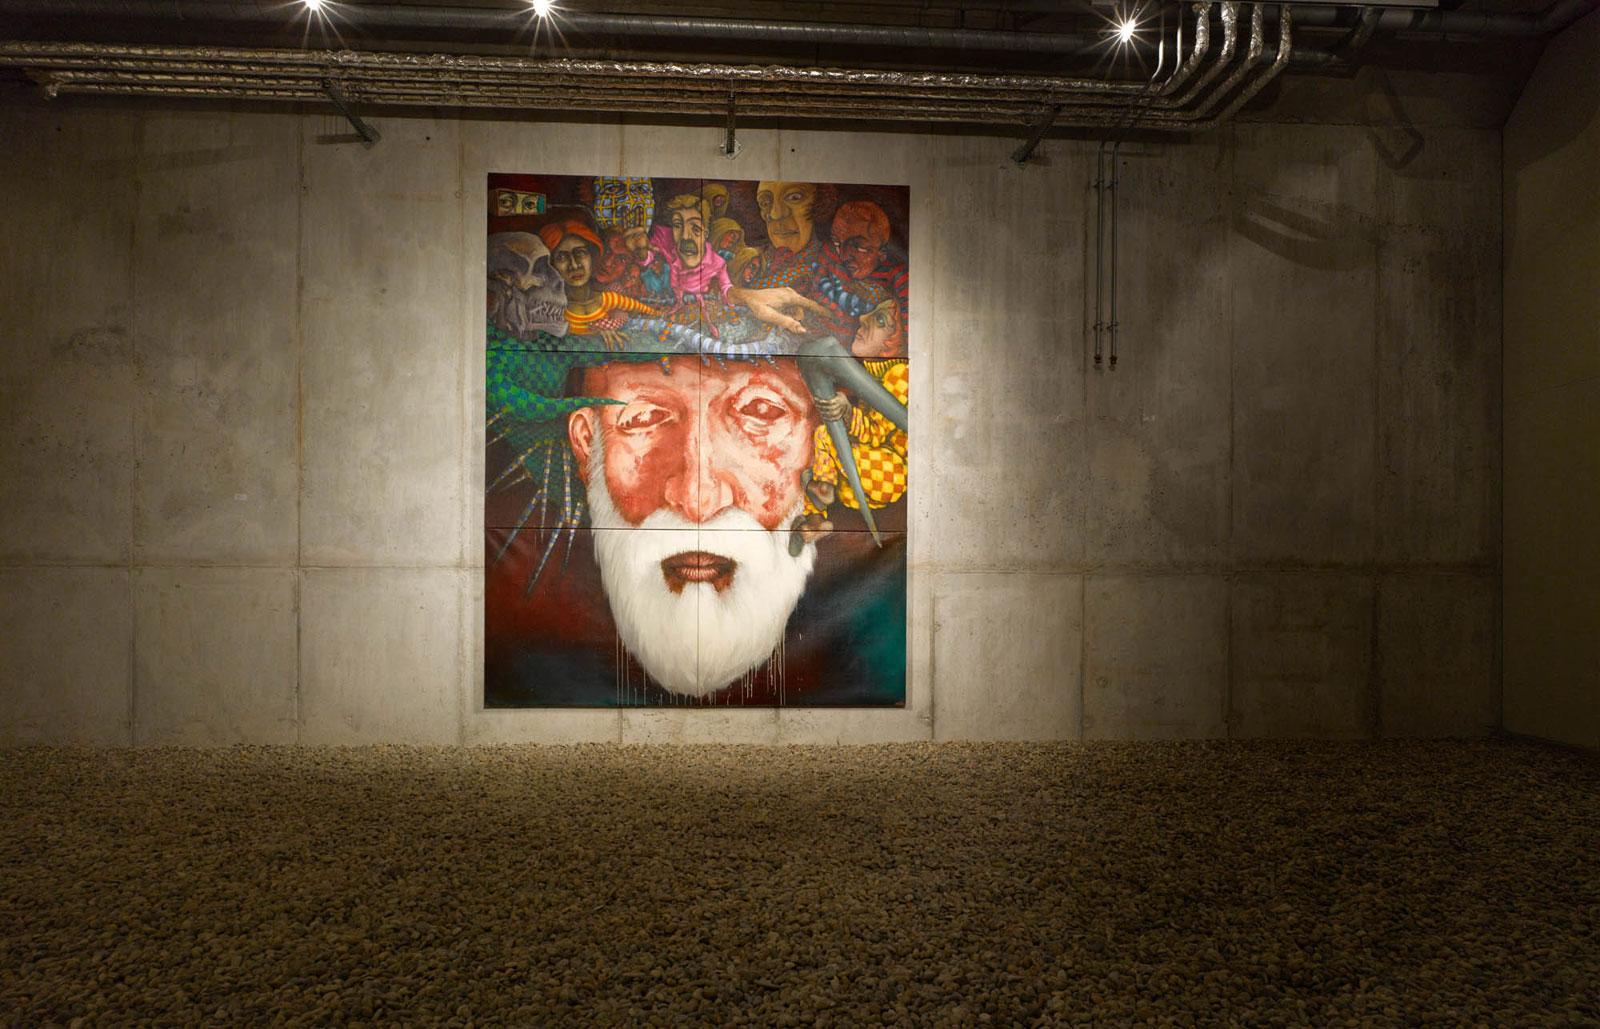 jukebox buggy 00054 - Timo Meyer: ein Künstler und seine Kunst